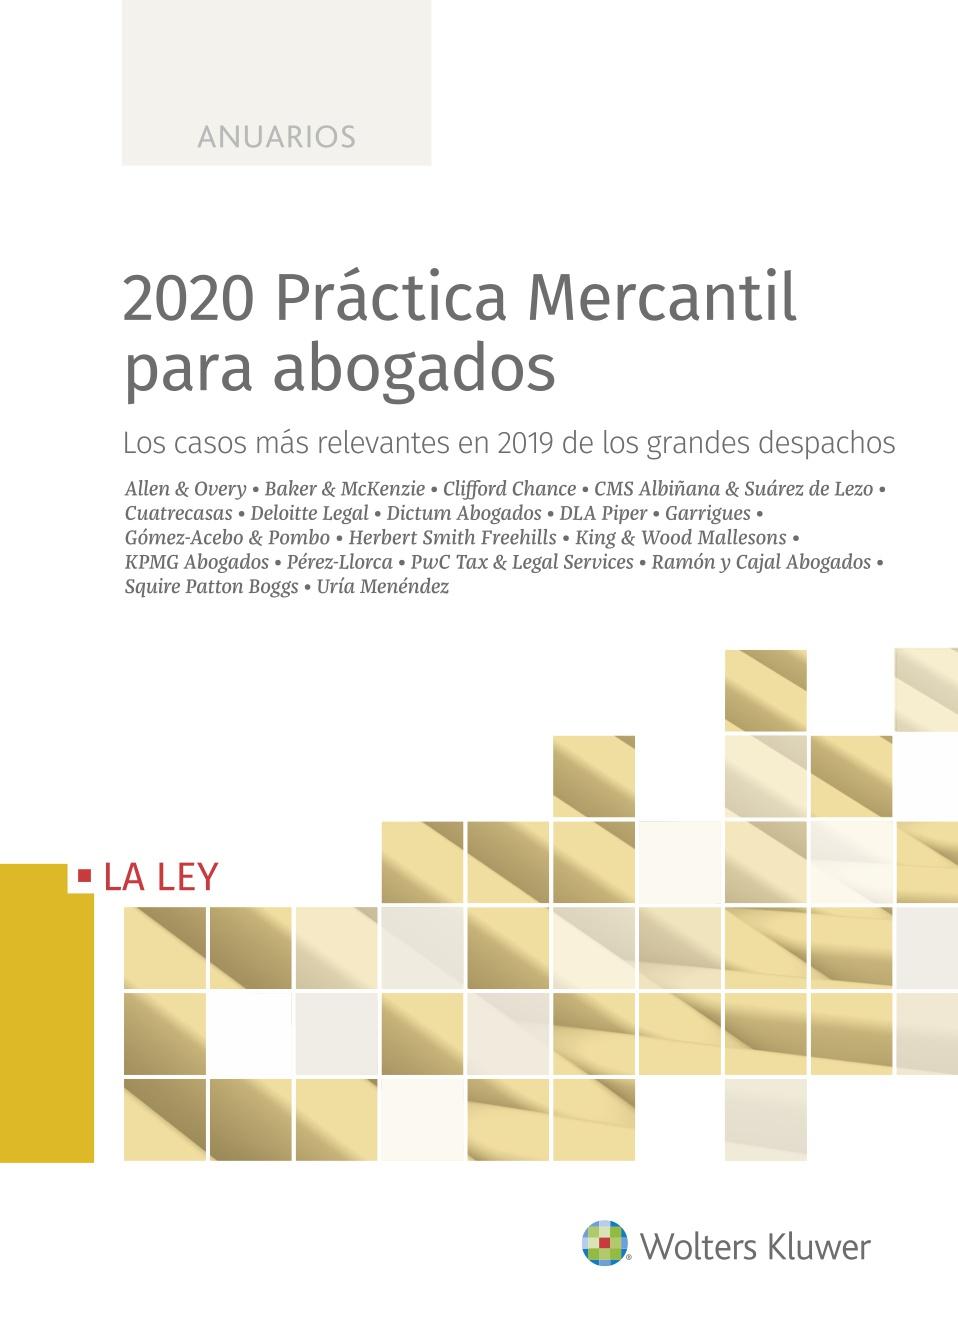 2020 Práctica Mercantil para abogados   «Los casos más relevantes en 2019 de los grandes despachos»